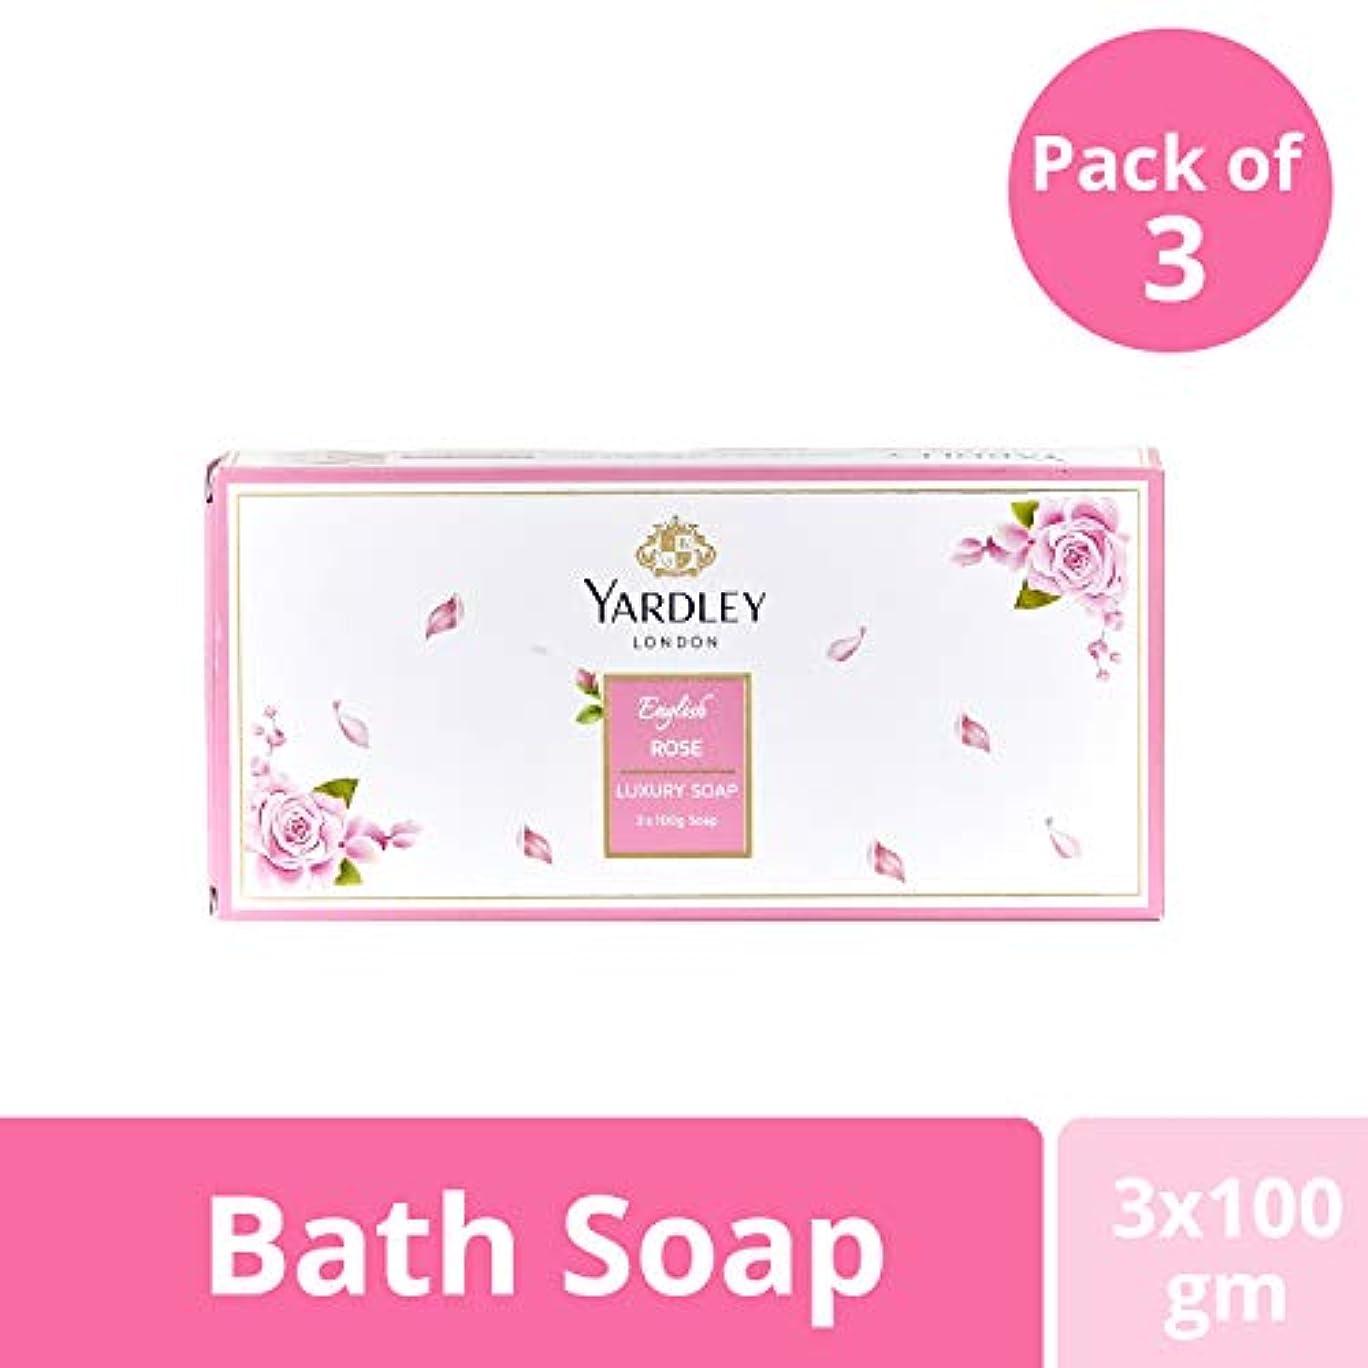 Yardley London English Rose Luxury Soap Value Pack 3x100g